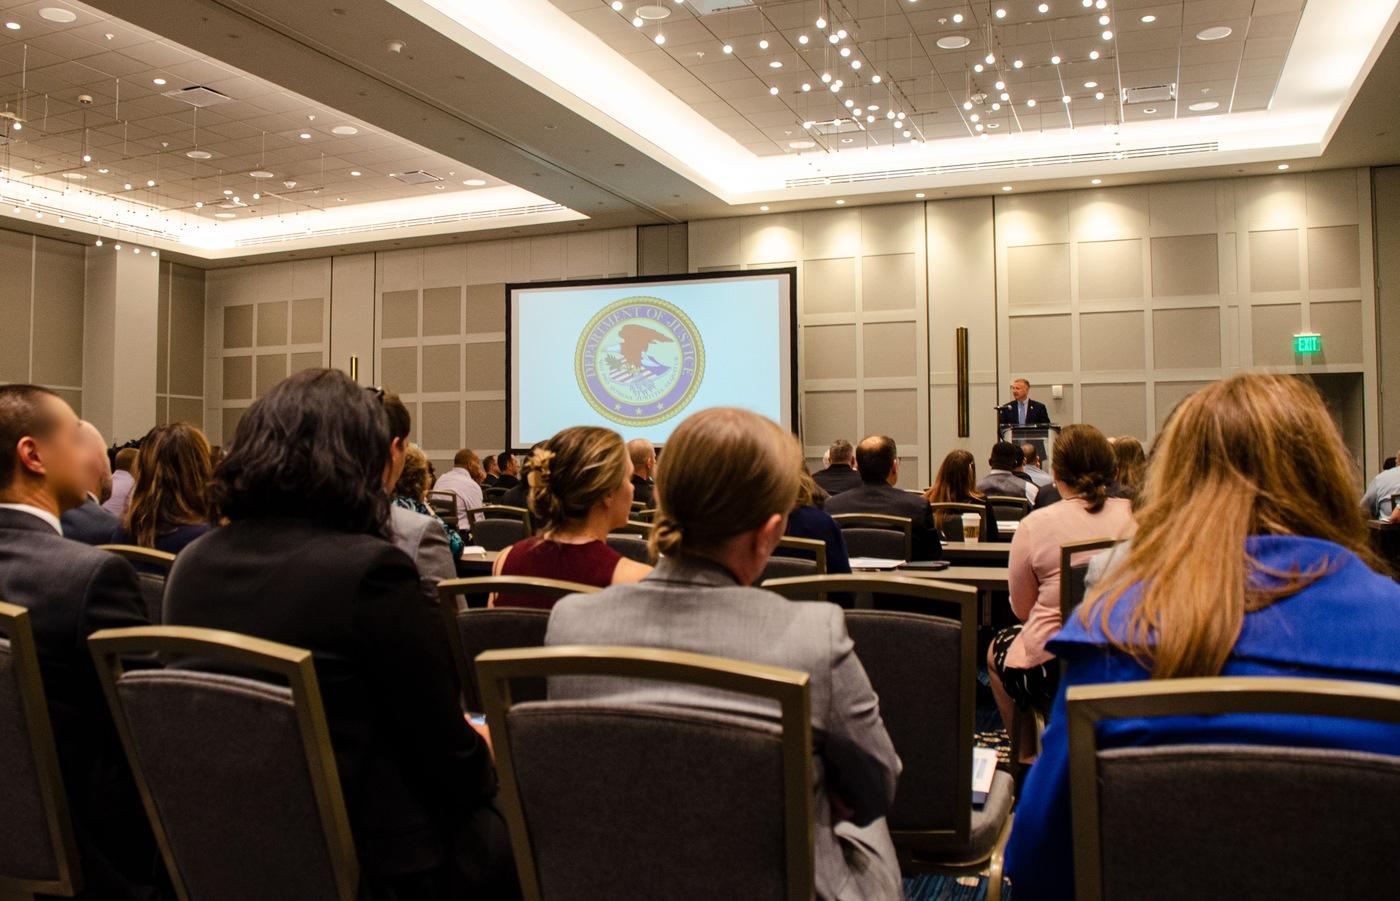 Associate Deputy Director Jeff Sallet speaks at a civil rights conference in Denver on June 9, 2021.